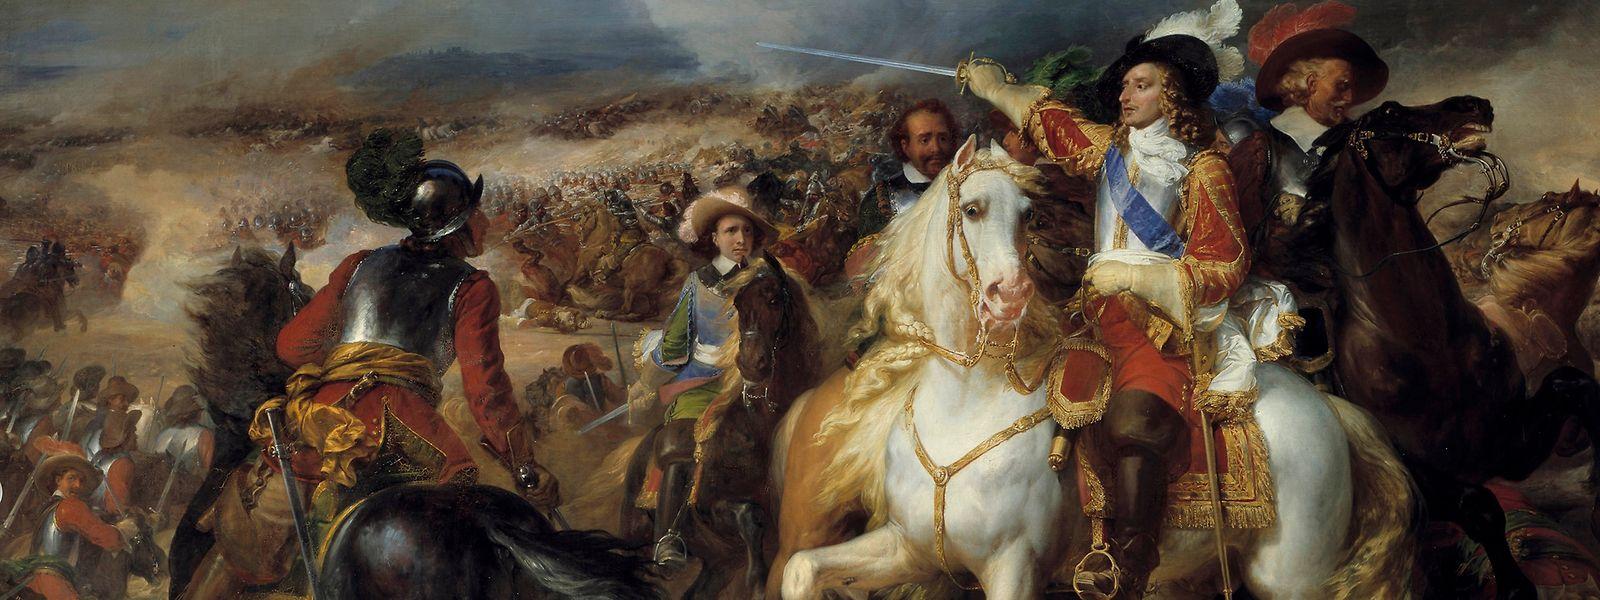 Der Prinz von Condé im Jahr 1648 in der Schlacht bei Lens. Bei diesem Kampf zwischen französischen und spanischen Truppen wurde der Luxemburger Provinzgouverneur Johann von Beck verletzt.